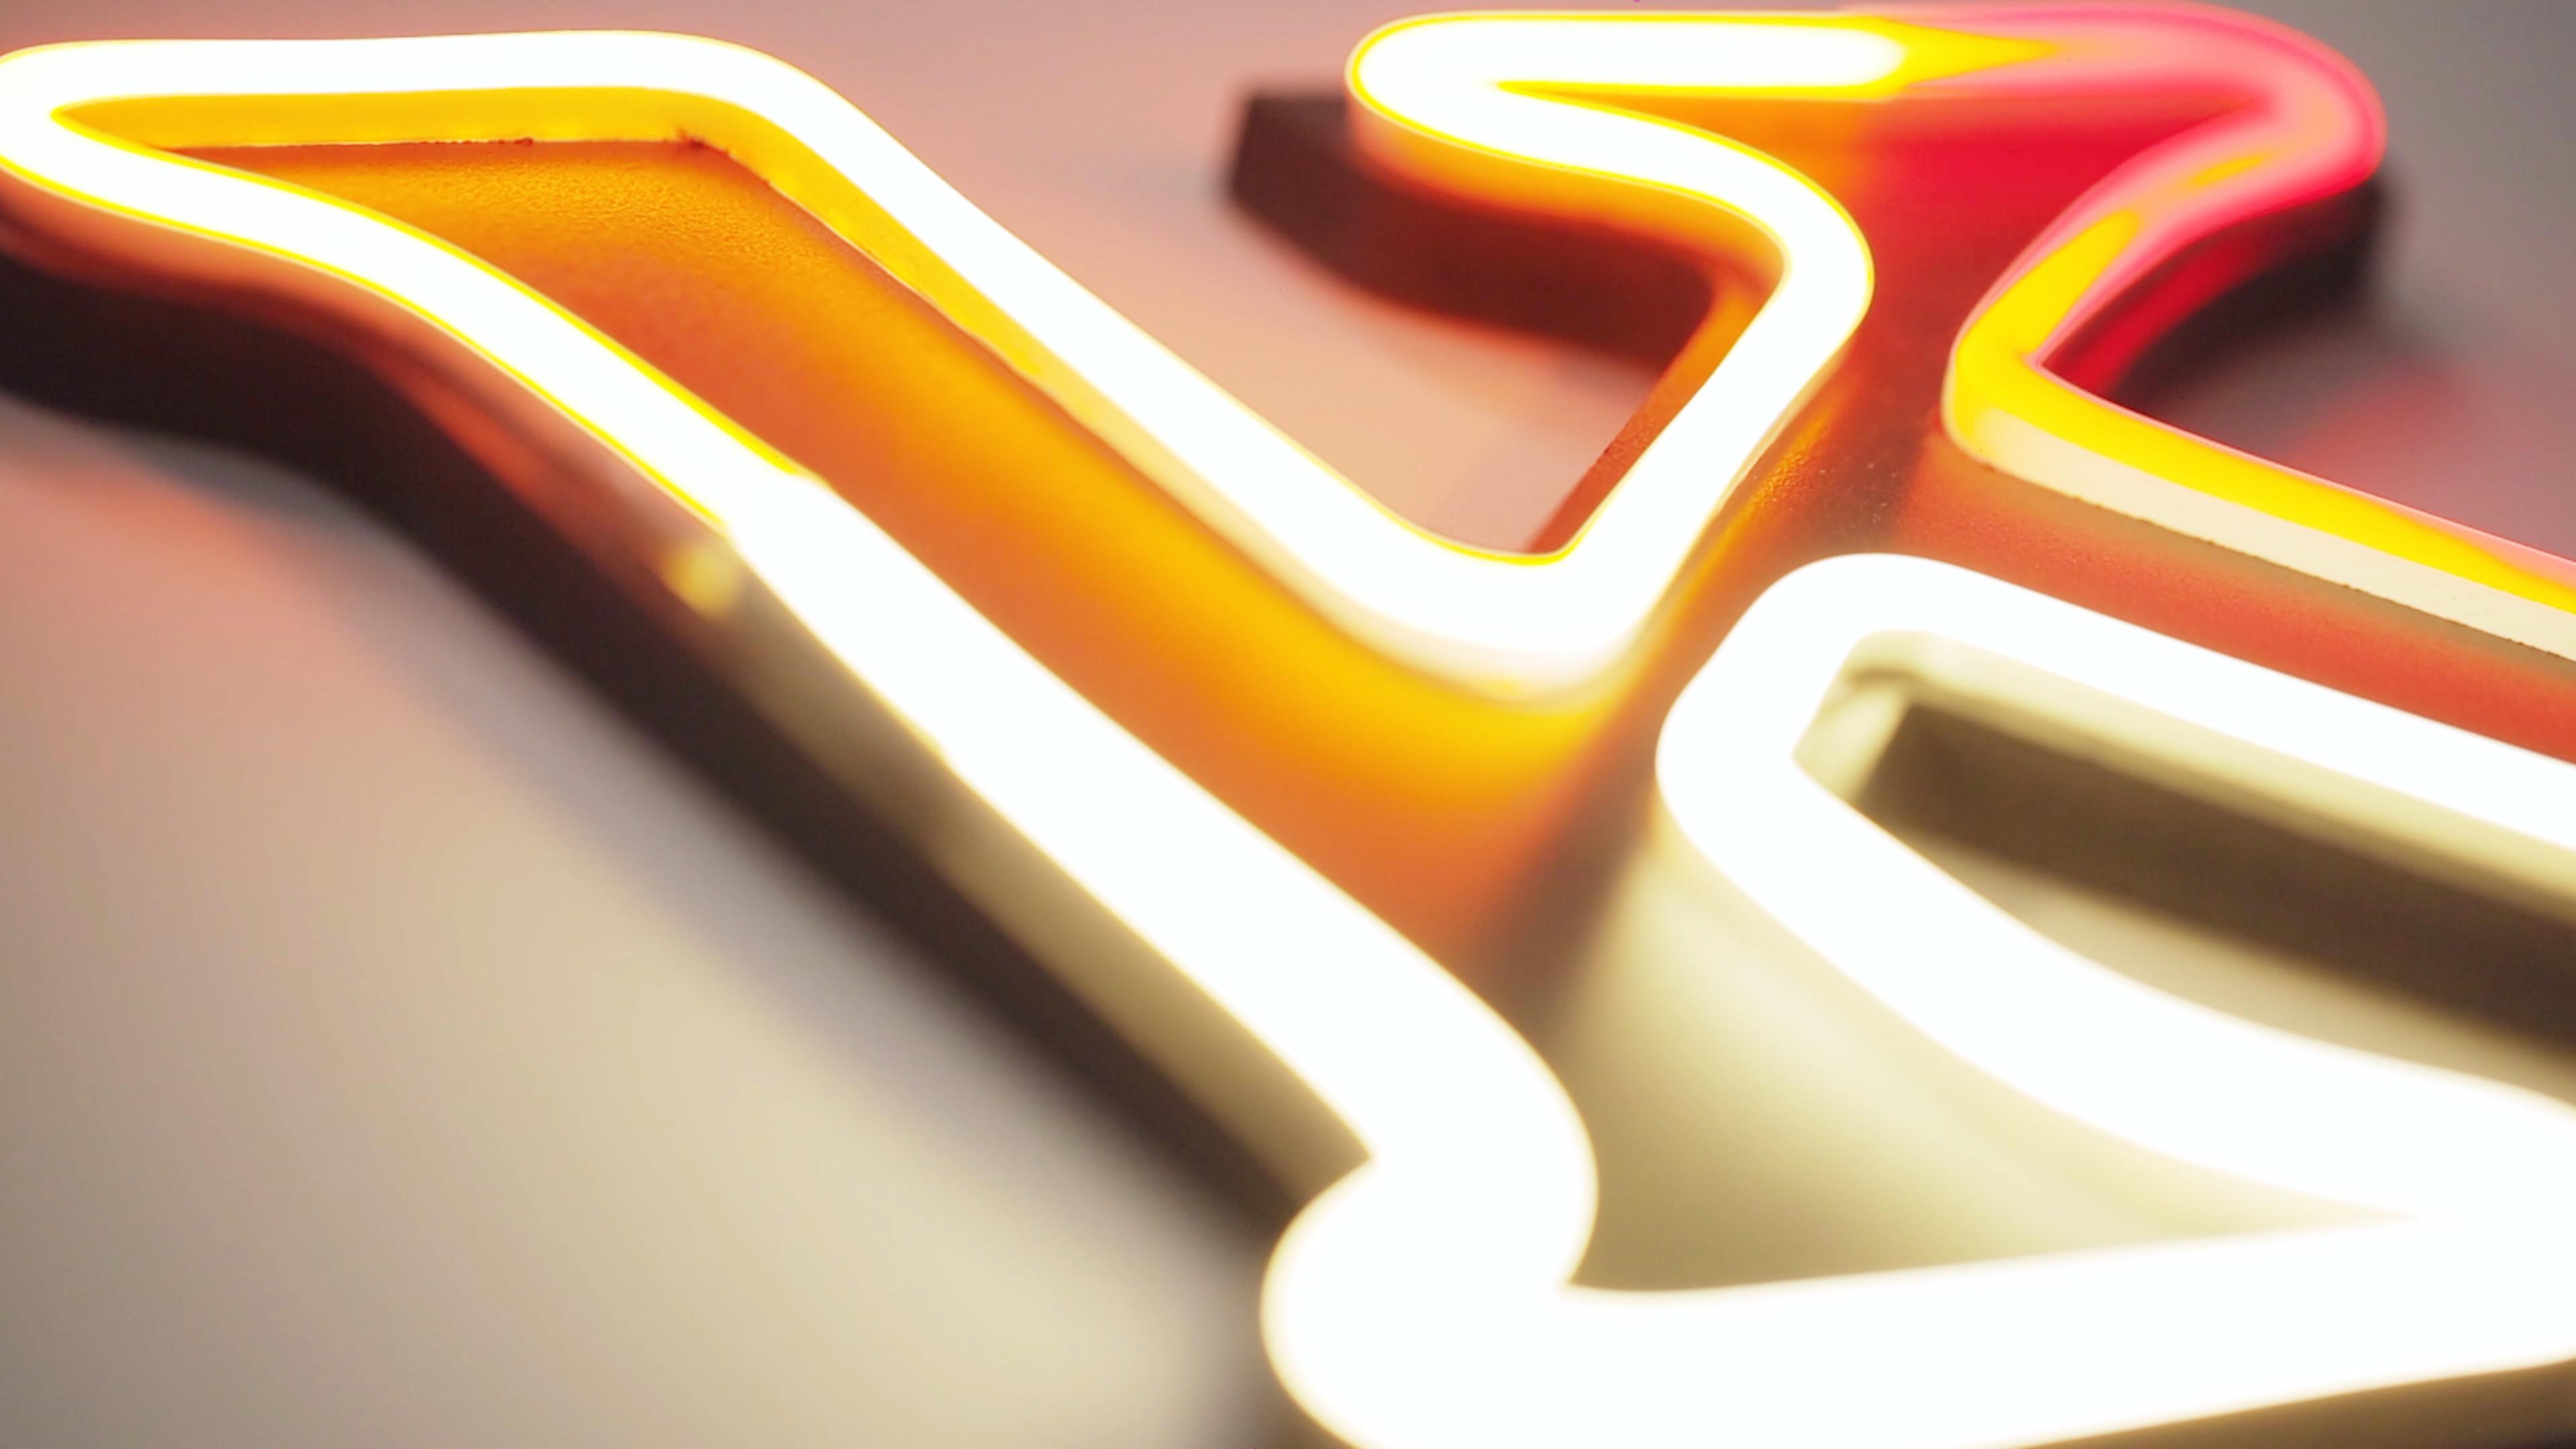 Podświetlane litery przestrzenne — jak je wykorzystać do dekoracji i wystroju wnętrz prywatnych?